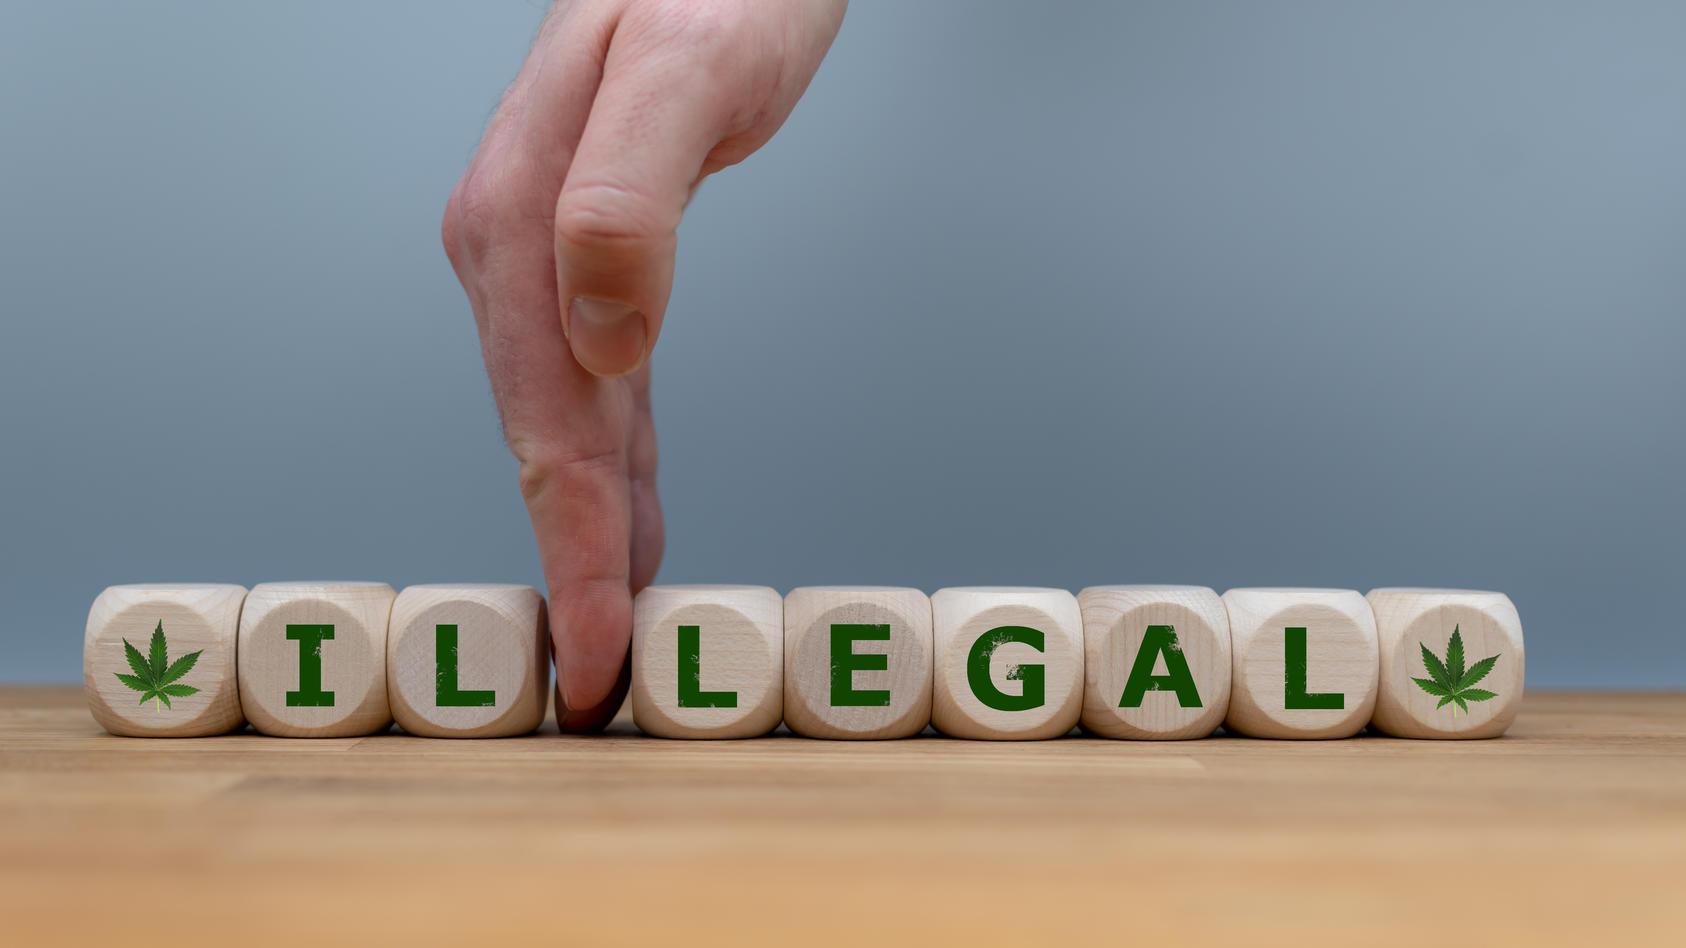 Der Konsum von Cannabis ist in Deutschland schon erlaubt - der Besitz und der Handel mit der Droge sind jedoch noch verboten. Das könnte sich bald ändern.